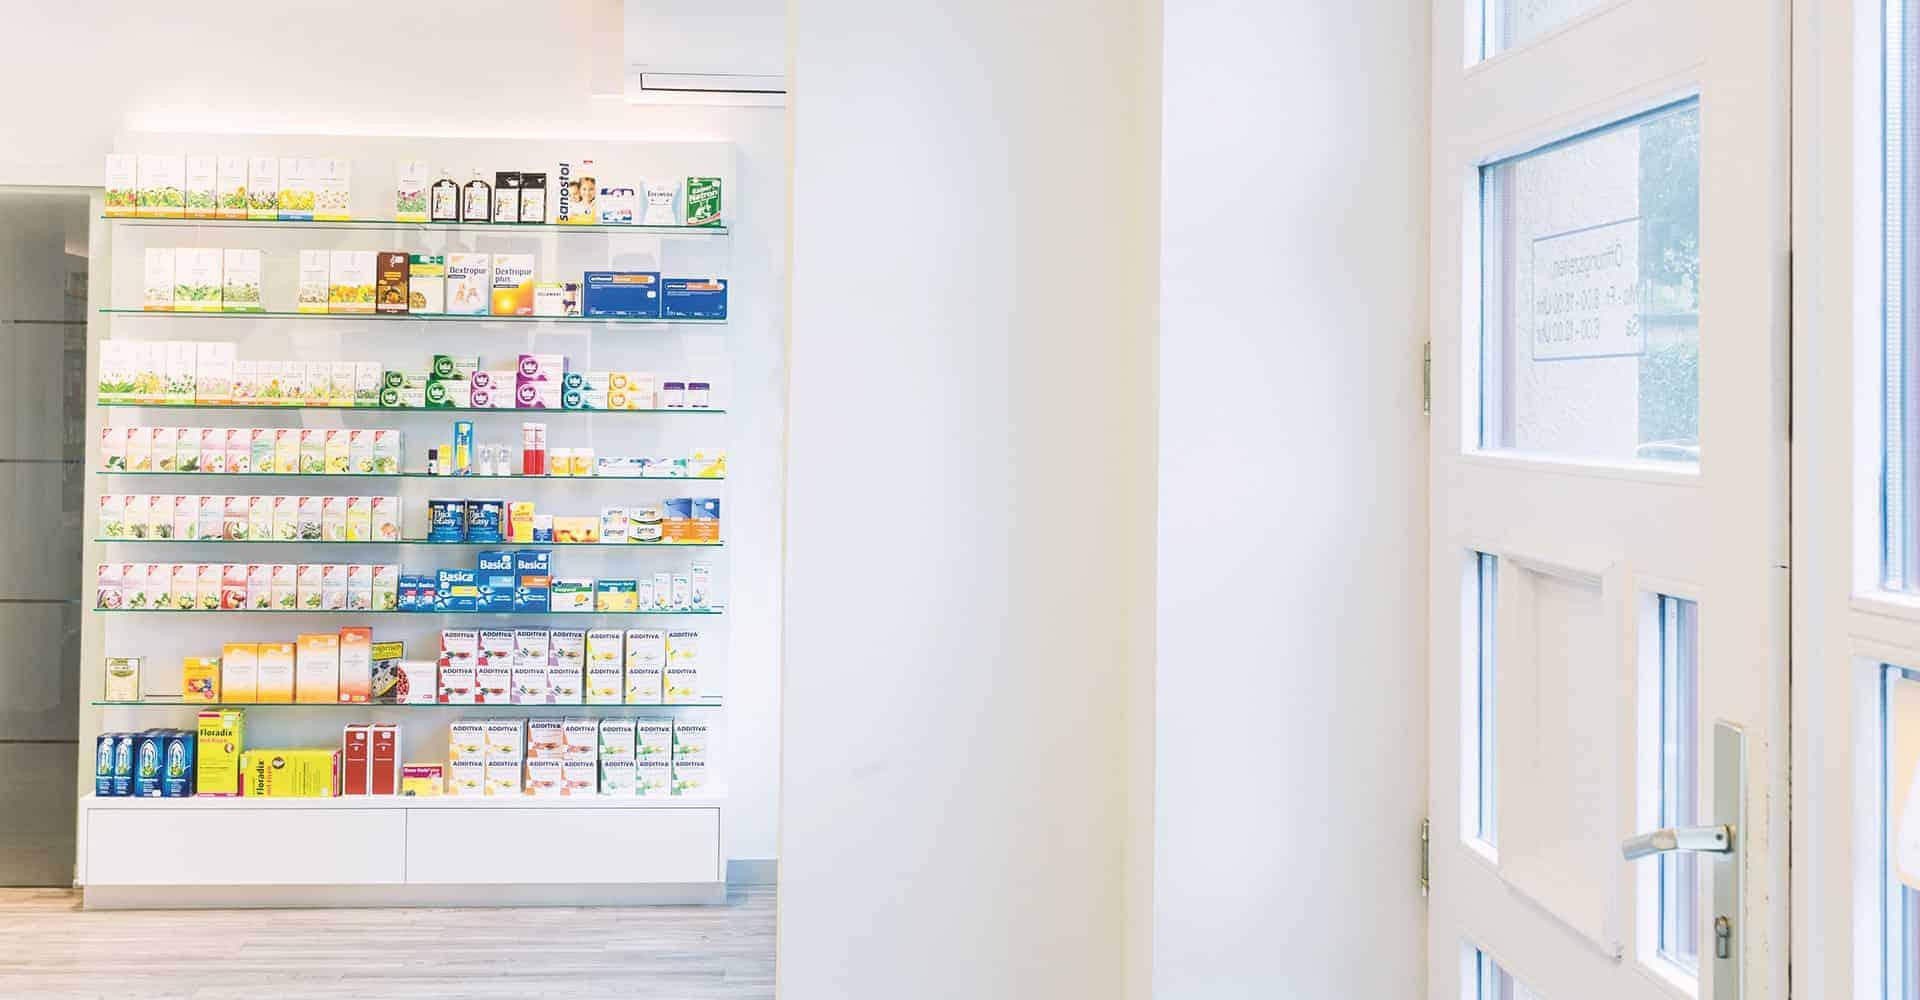 SIEGFRIED APOTHEKE DRESDEN | RENOVIERUNG APOTHEKE WÄHREND ÖFFNUNGSZEITEN | Komplette Renovierung der Verkaufsräume und des rückwärtigen Bereiches während der Öffnungszeiten.